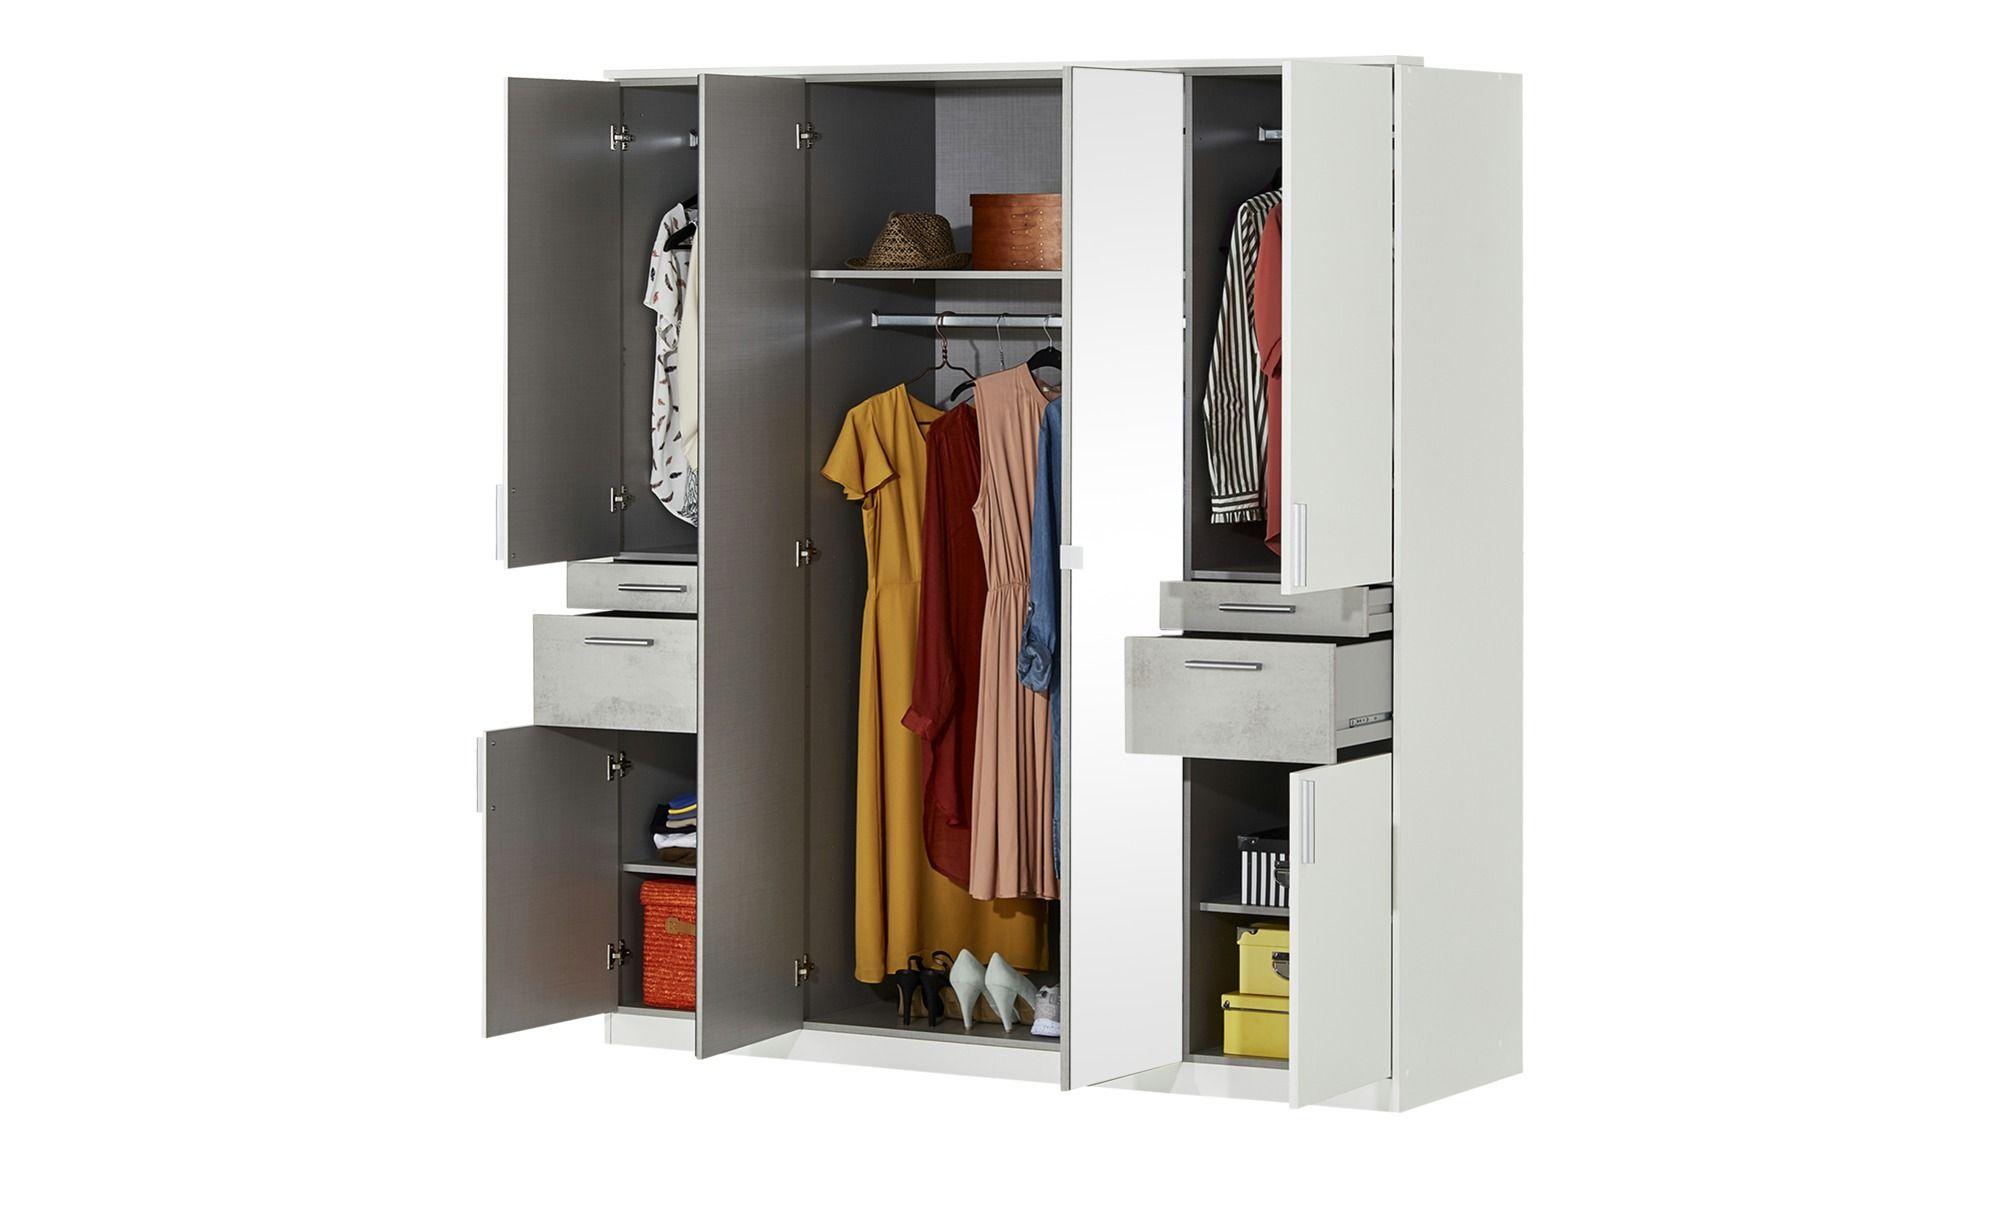 kleiderschrank 6 t rig stafford locker storage storage lockers